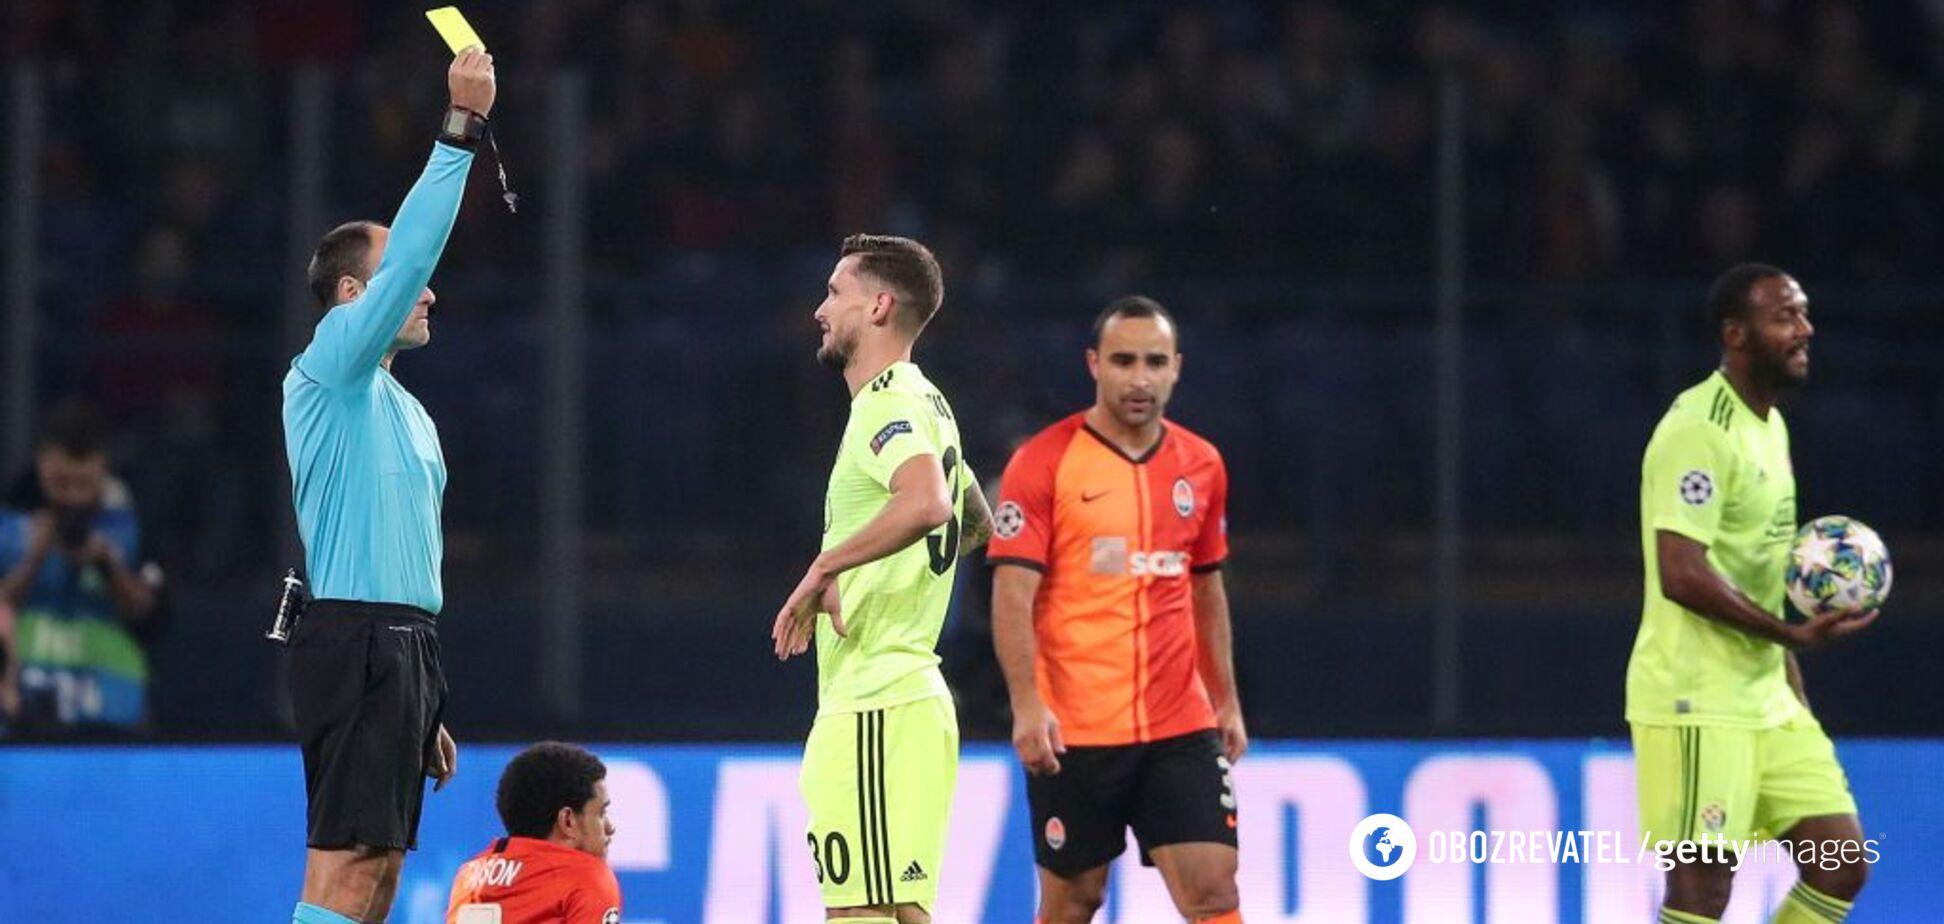 'Динамо' убивало': Каштру прокомментировал результат 'Шахтера' в Лиге чемпионов